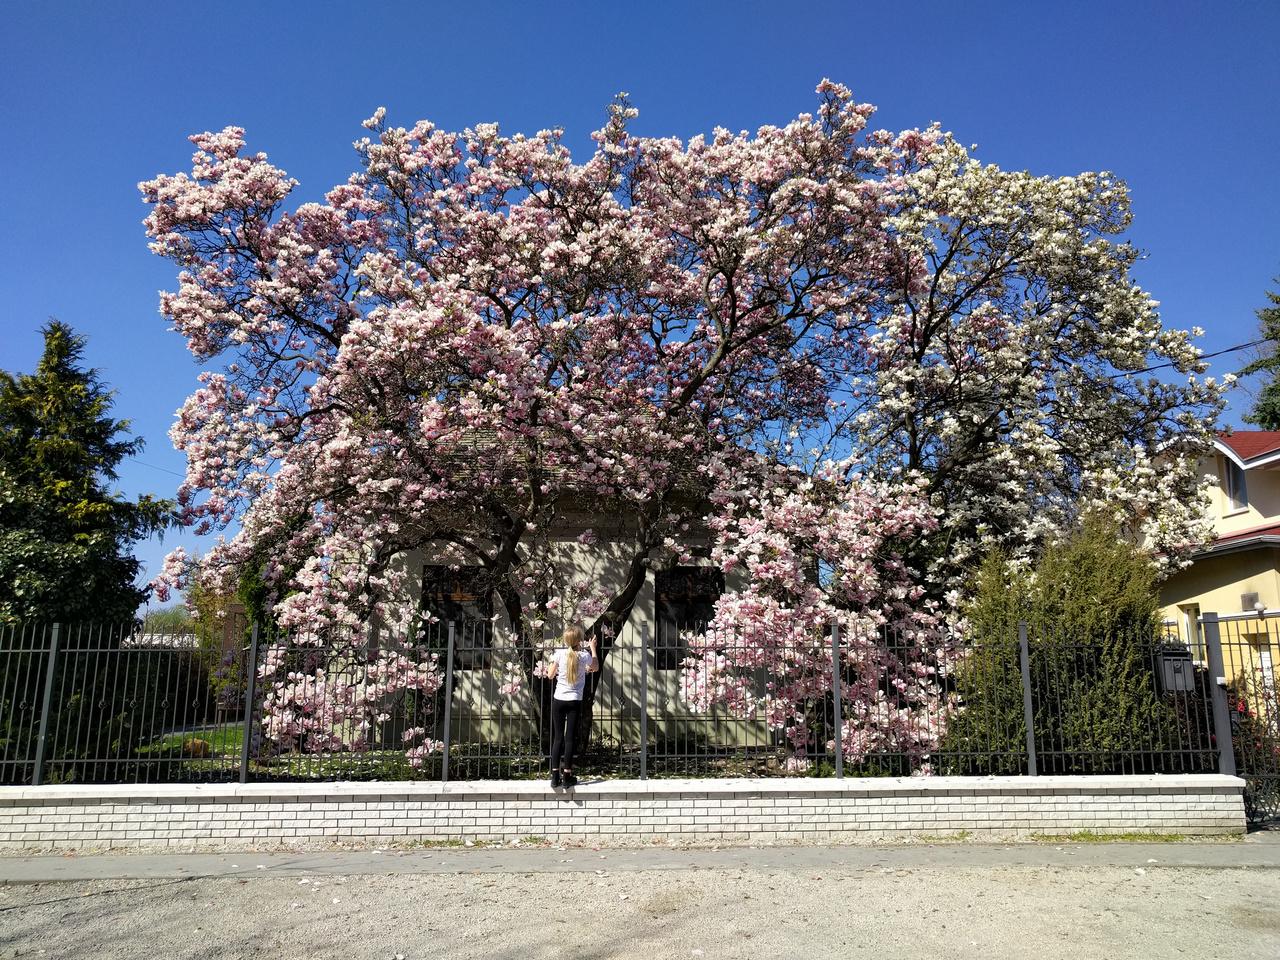 Egy mellettem kattintgató hölgy elárulta, hogy évek óta idejár, és minden tavasszal készít képet a liliomfa-óriásokról. Nekem idén egy ilyen ferde sikerült róluk, remélem megbocsájtjátok.